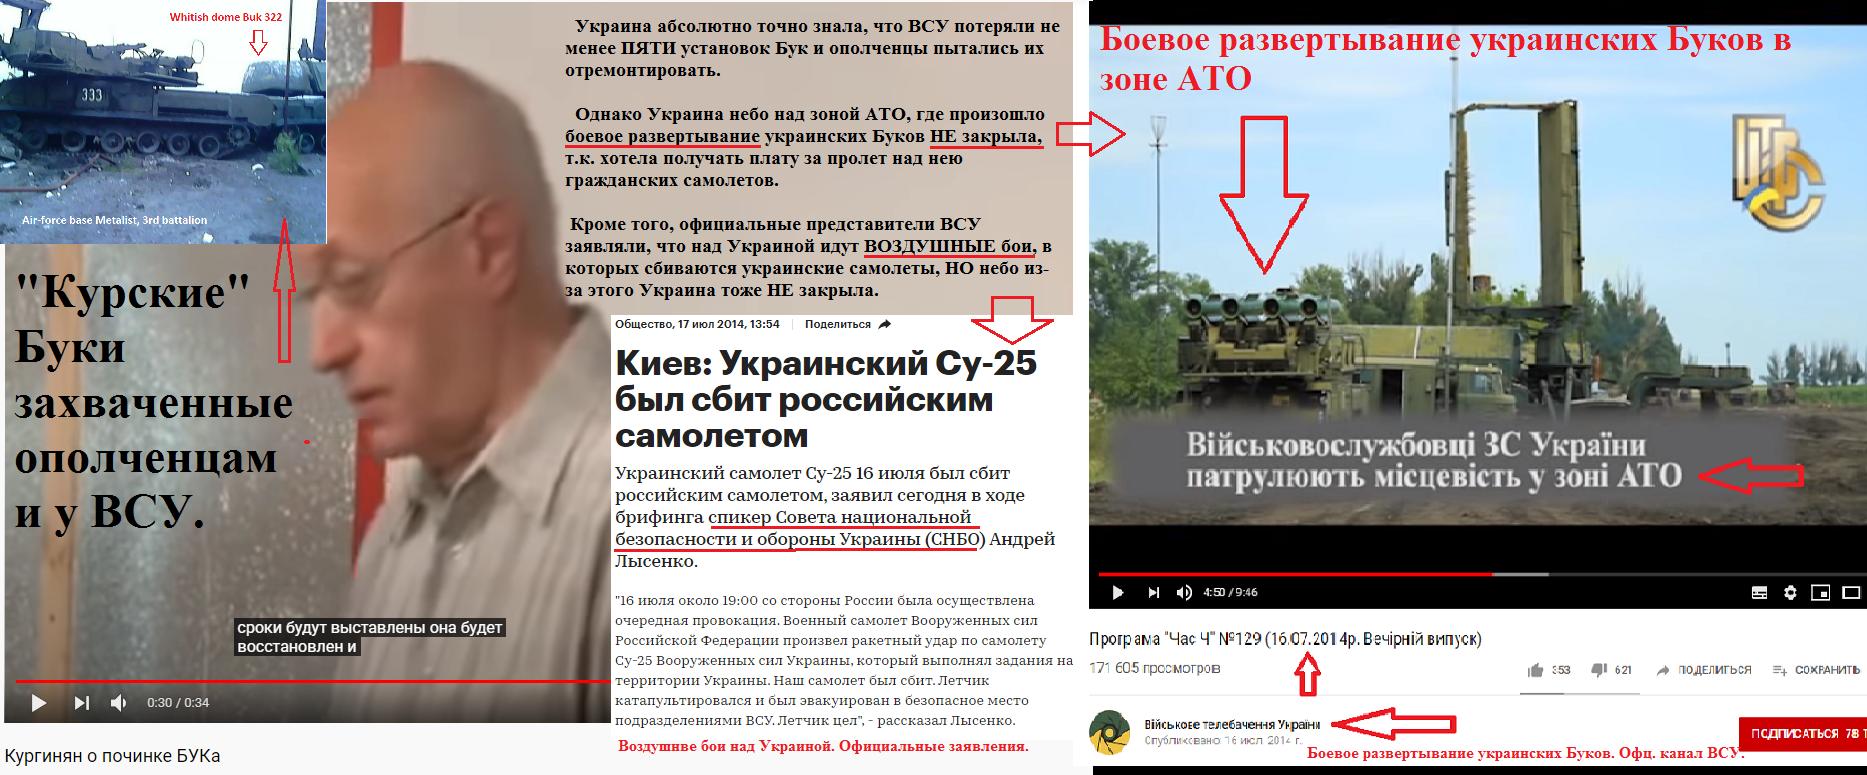 Буки захваченные ополченцами у ВСУ, воздушные бои над Украиной, и боевое развертывание украинских буков над зоной ато.png